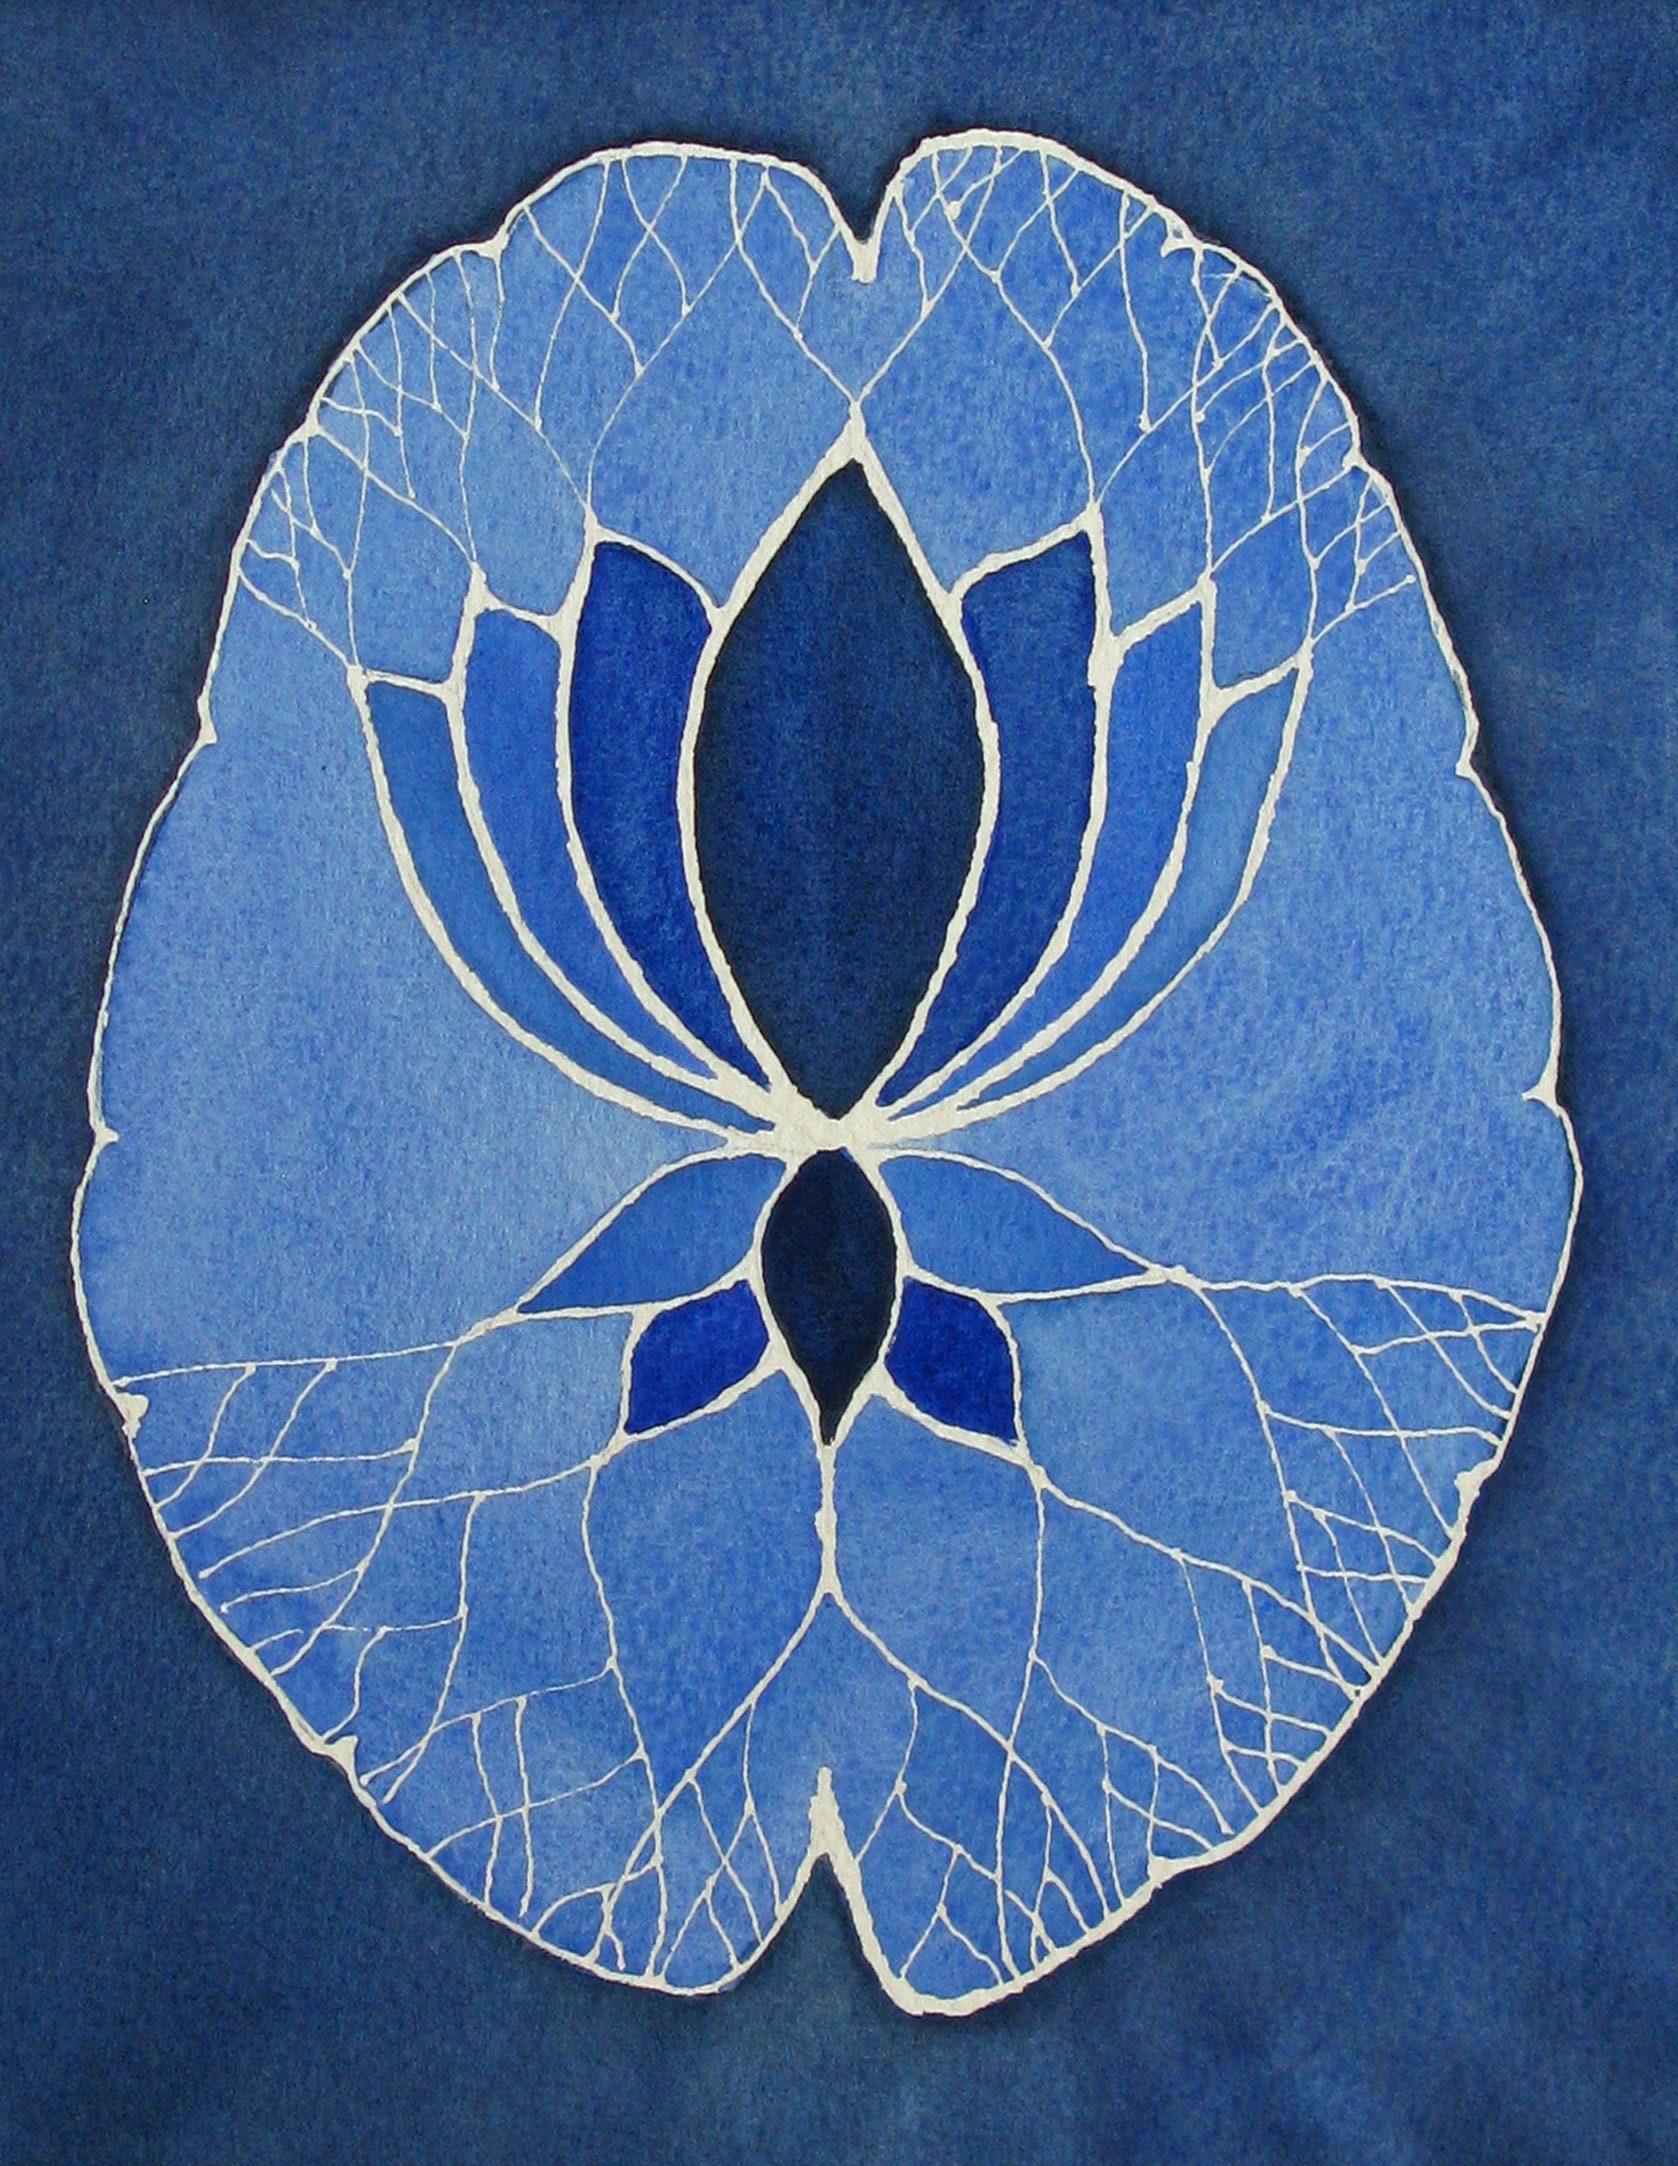 Blue Lotus Brain Original Watercolor Painting Etsy